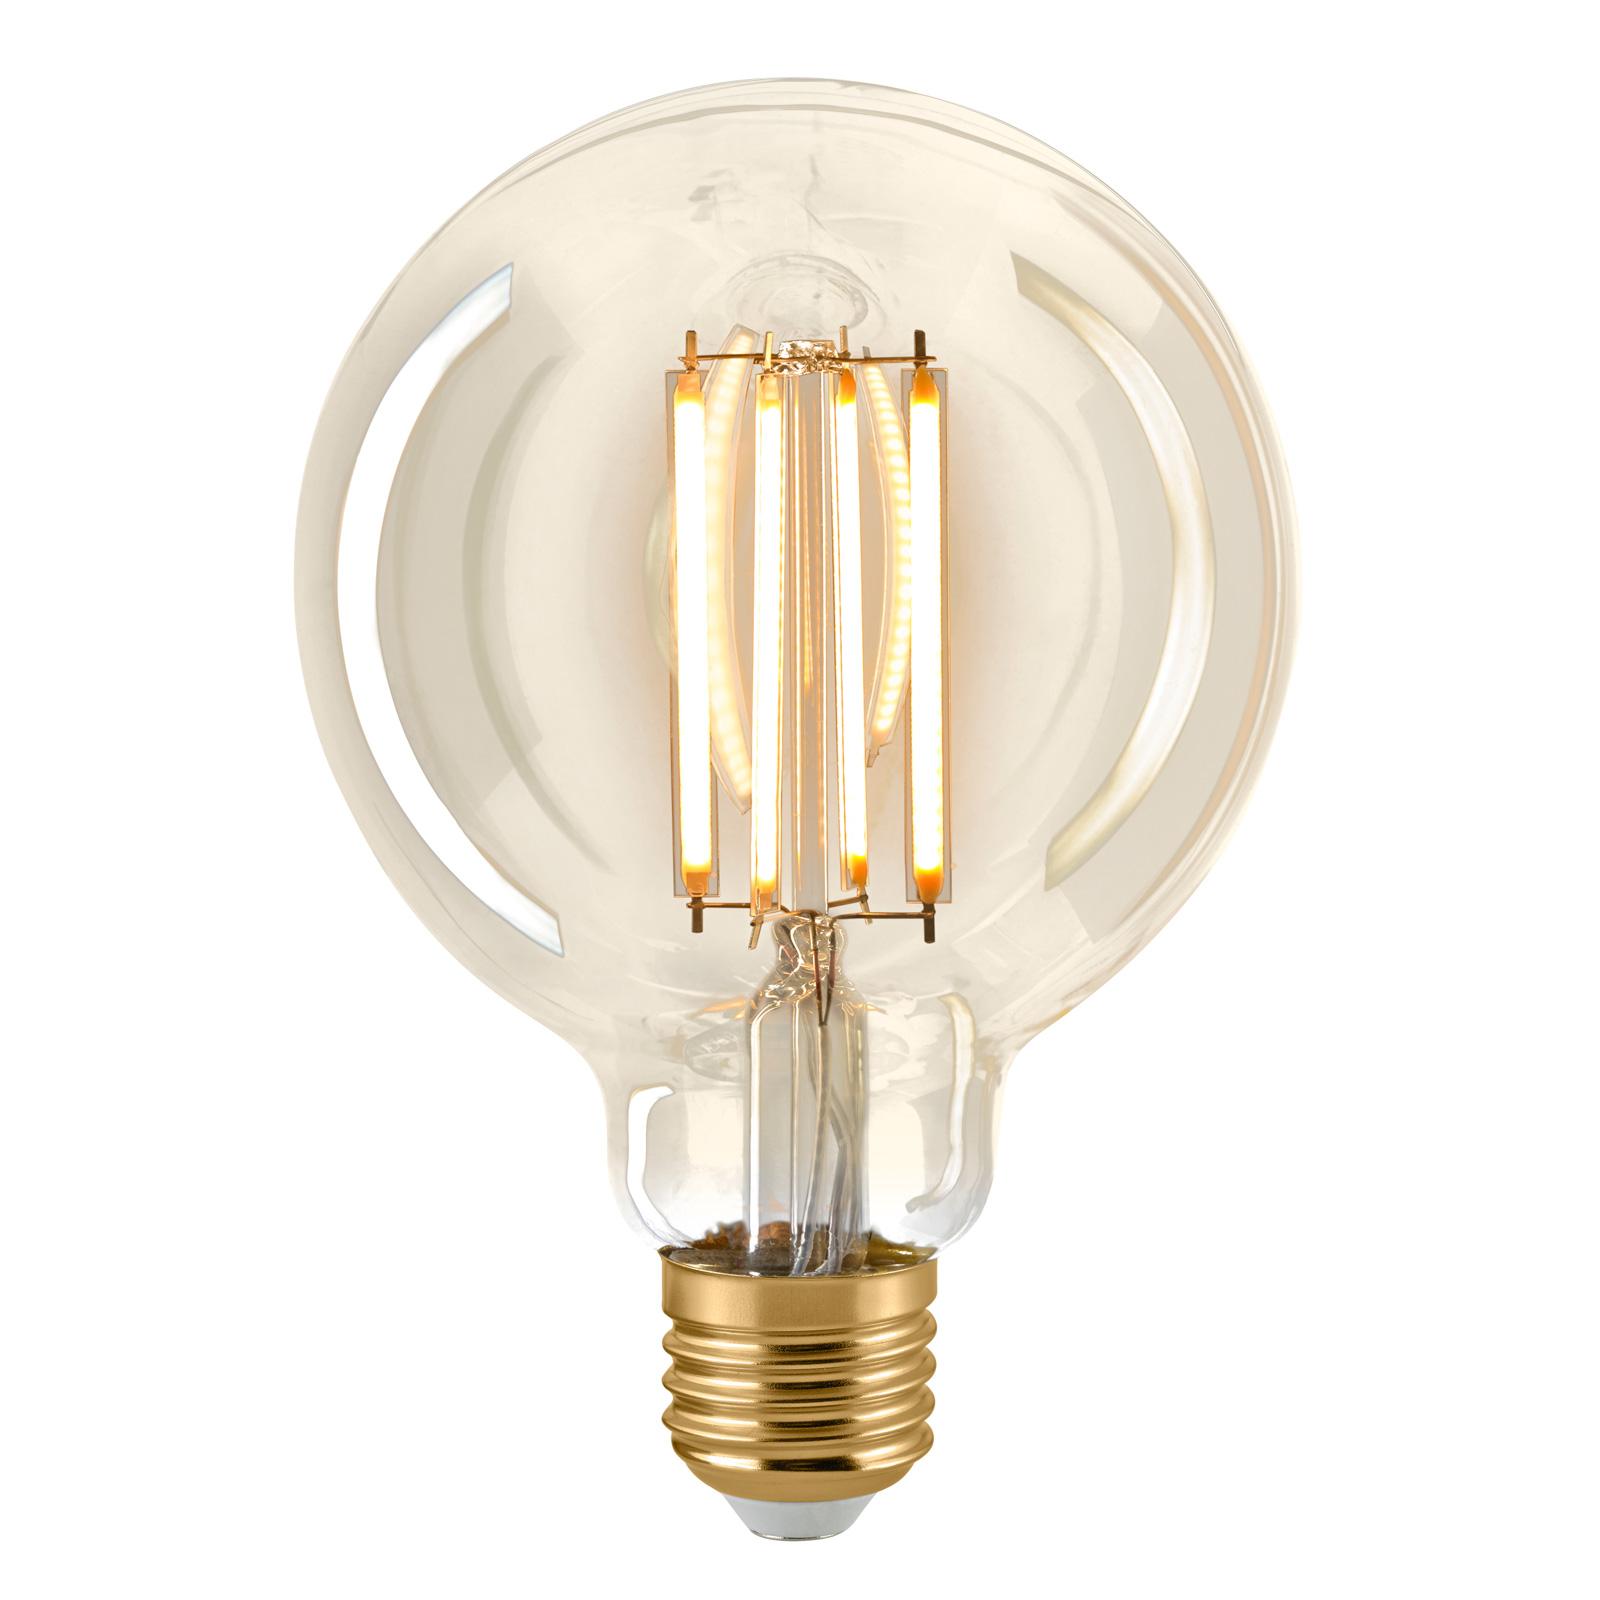 E27 G95 4,5W Filament Globe LED-pære, guld